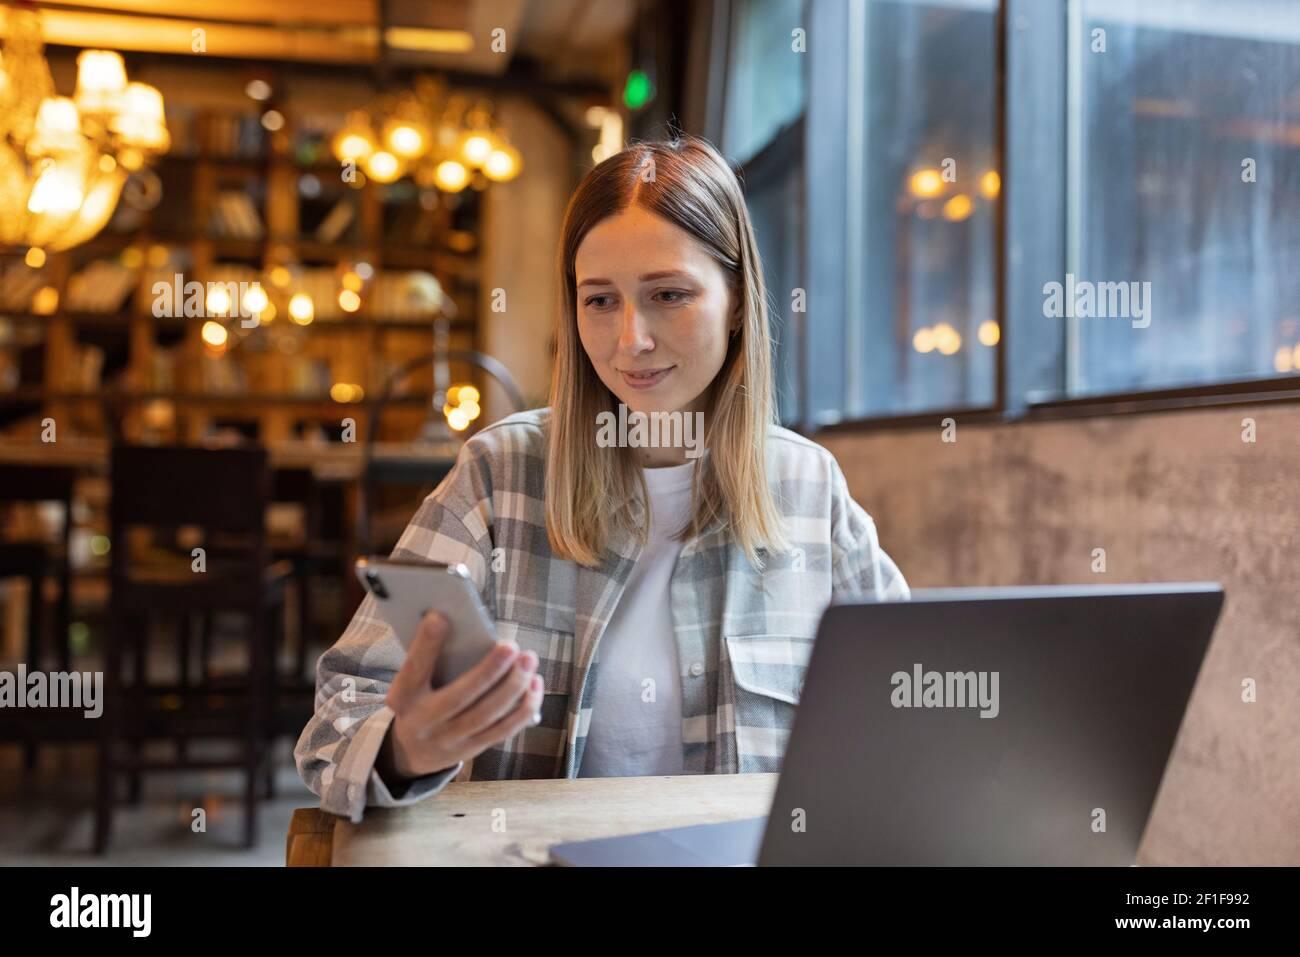 Joven mujer de negocios caucásica con cabello rubio trabajando en el portátil en el café. Estudiante universitario usando tecnología, educación en línea, independiente Foto de stock